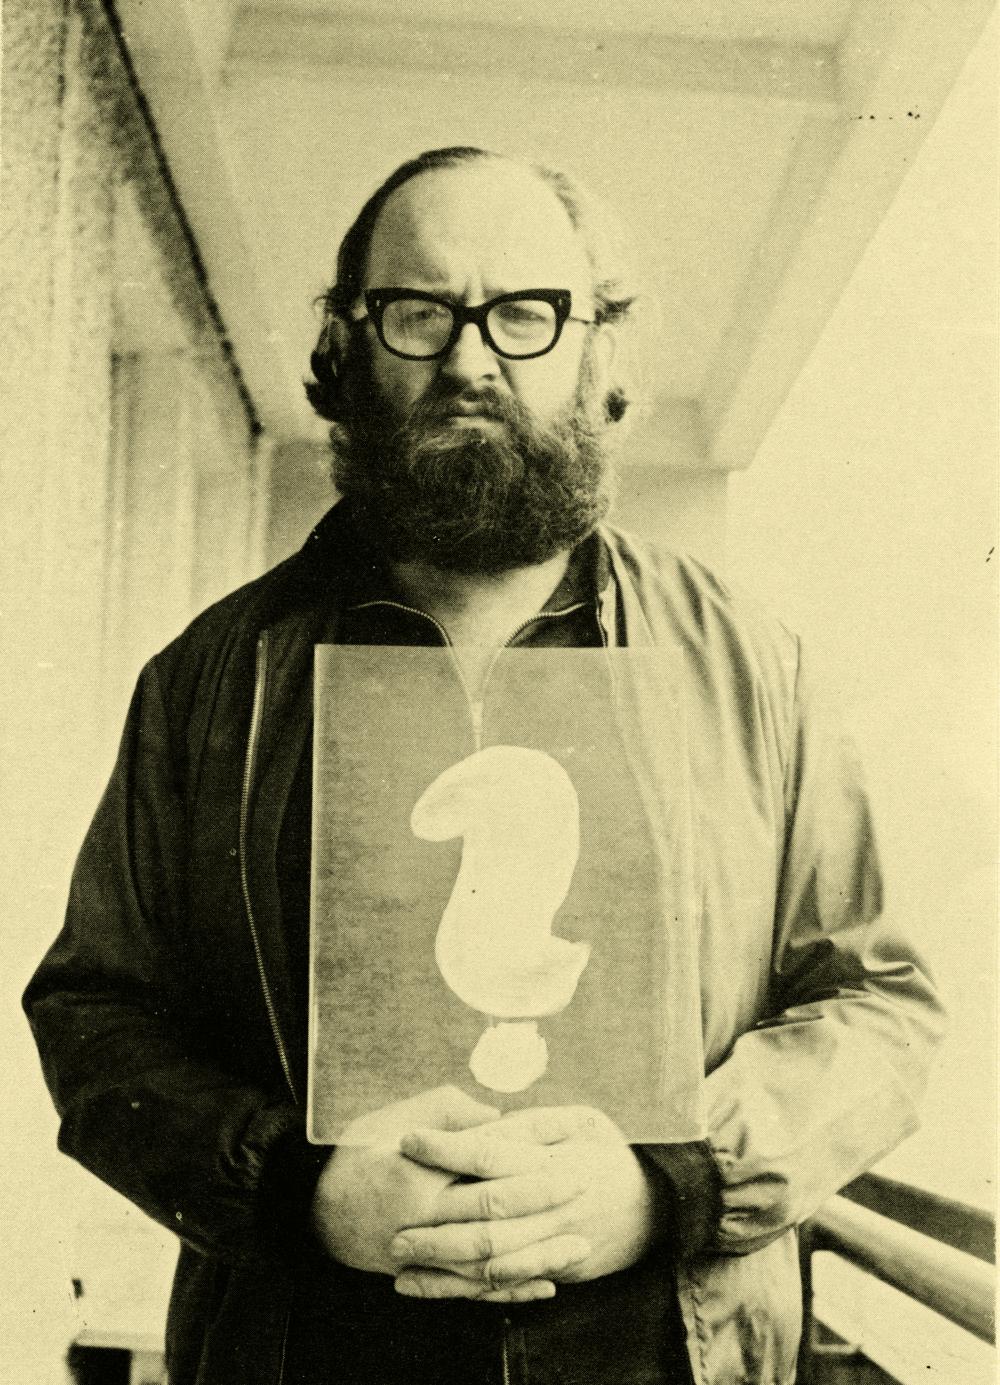 Július Koller P.F. 1981 , 1980. Foto: Archiv Květoslava Fulierová